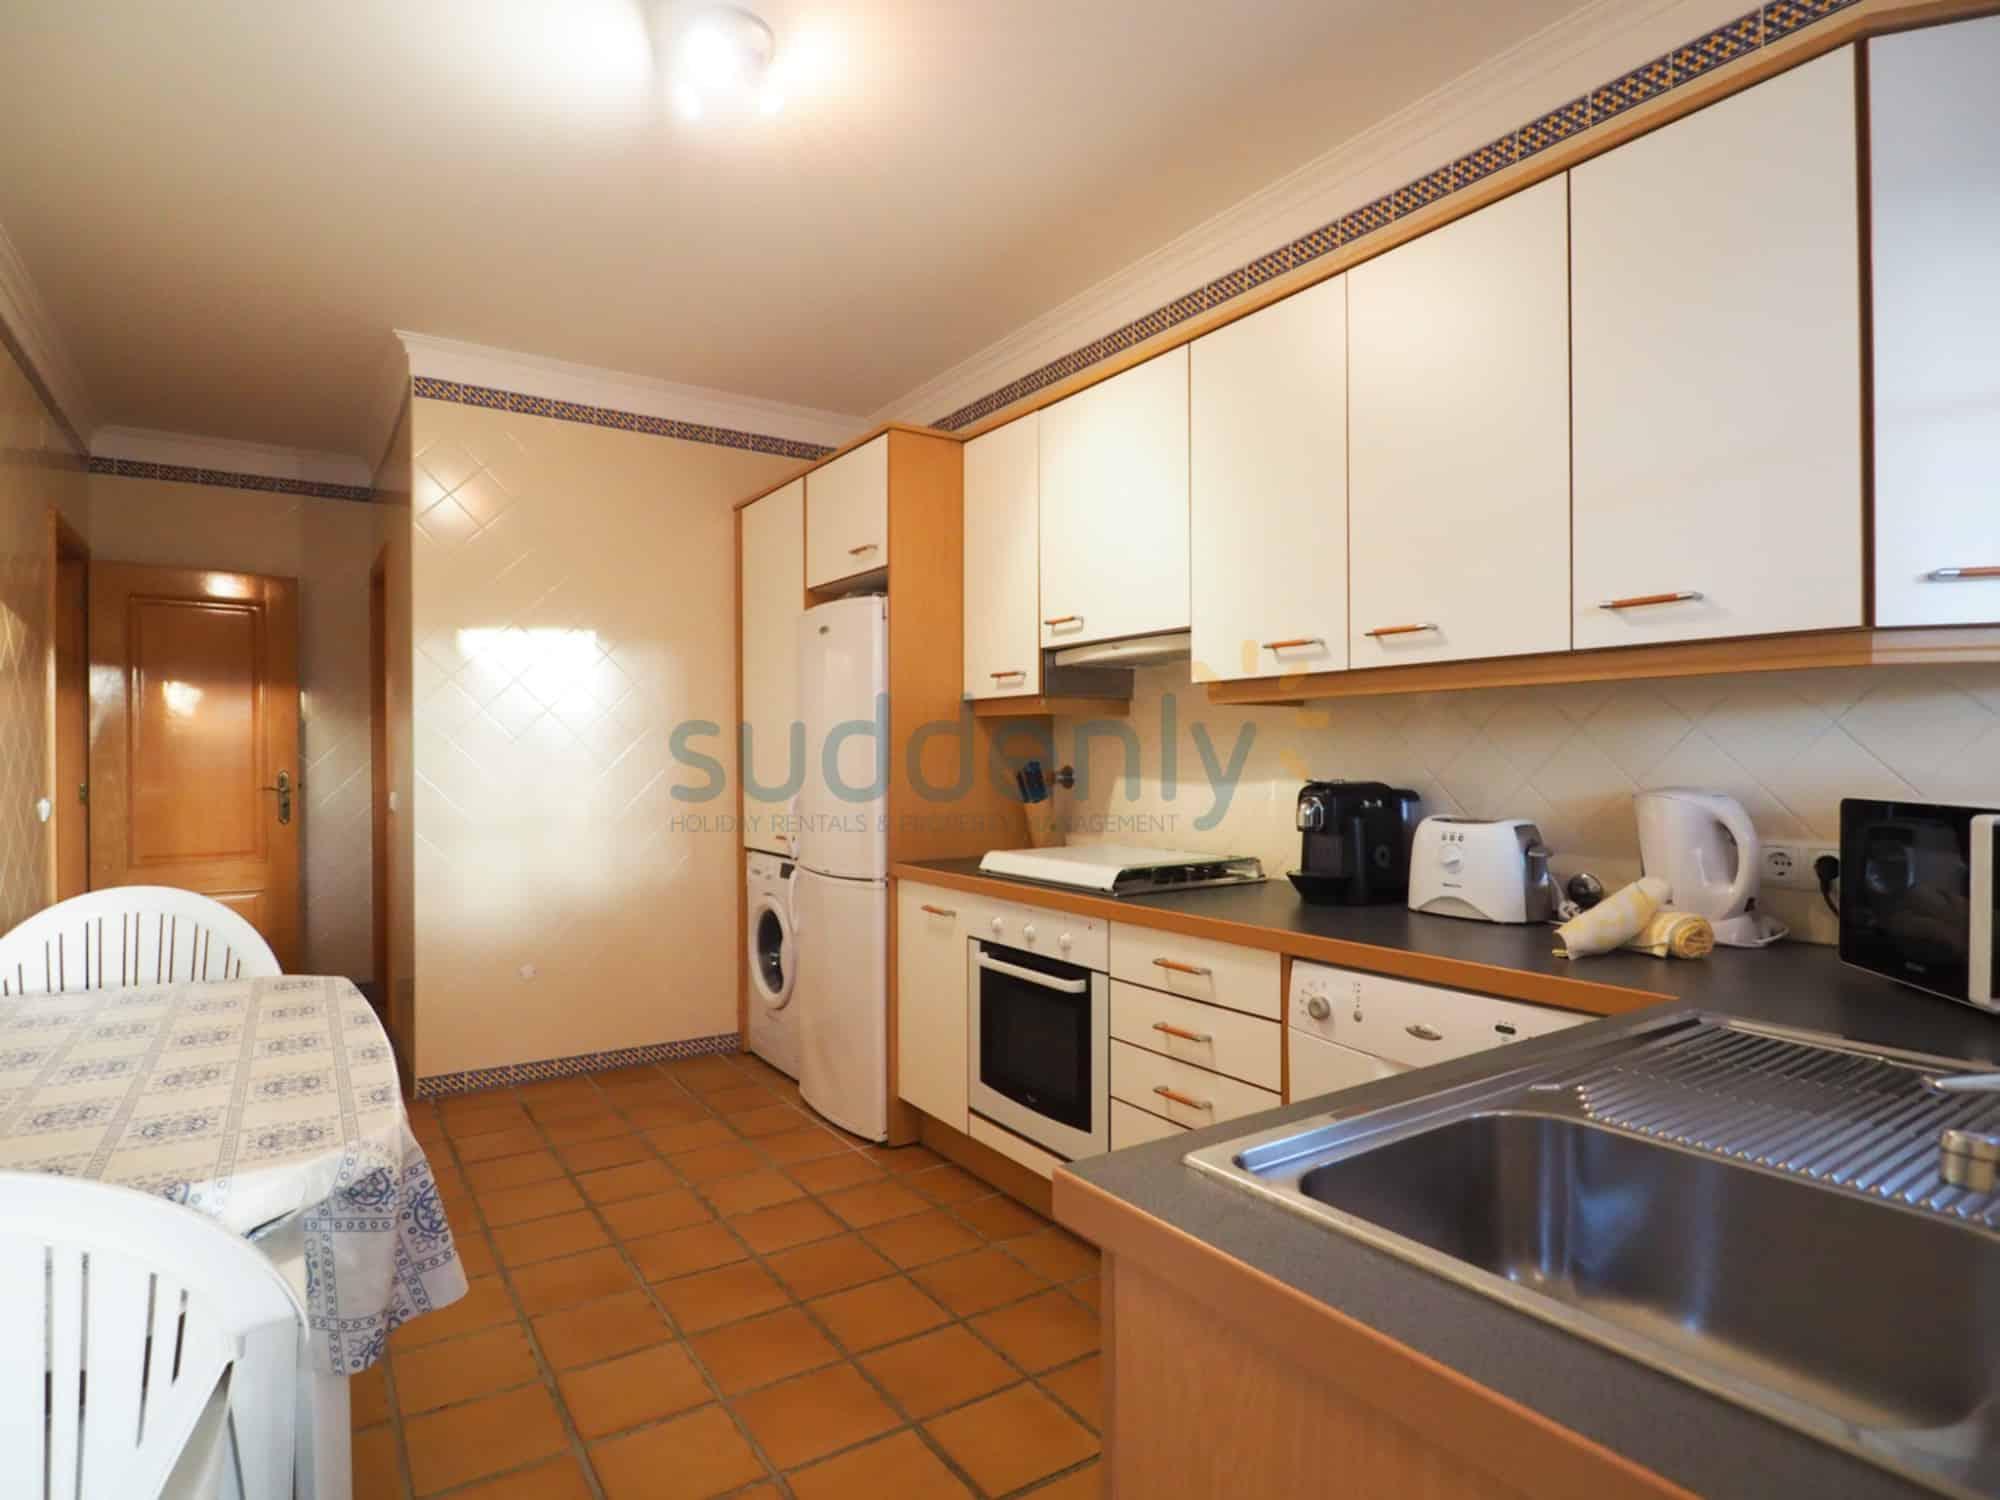 Accommodation 386